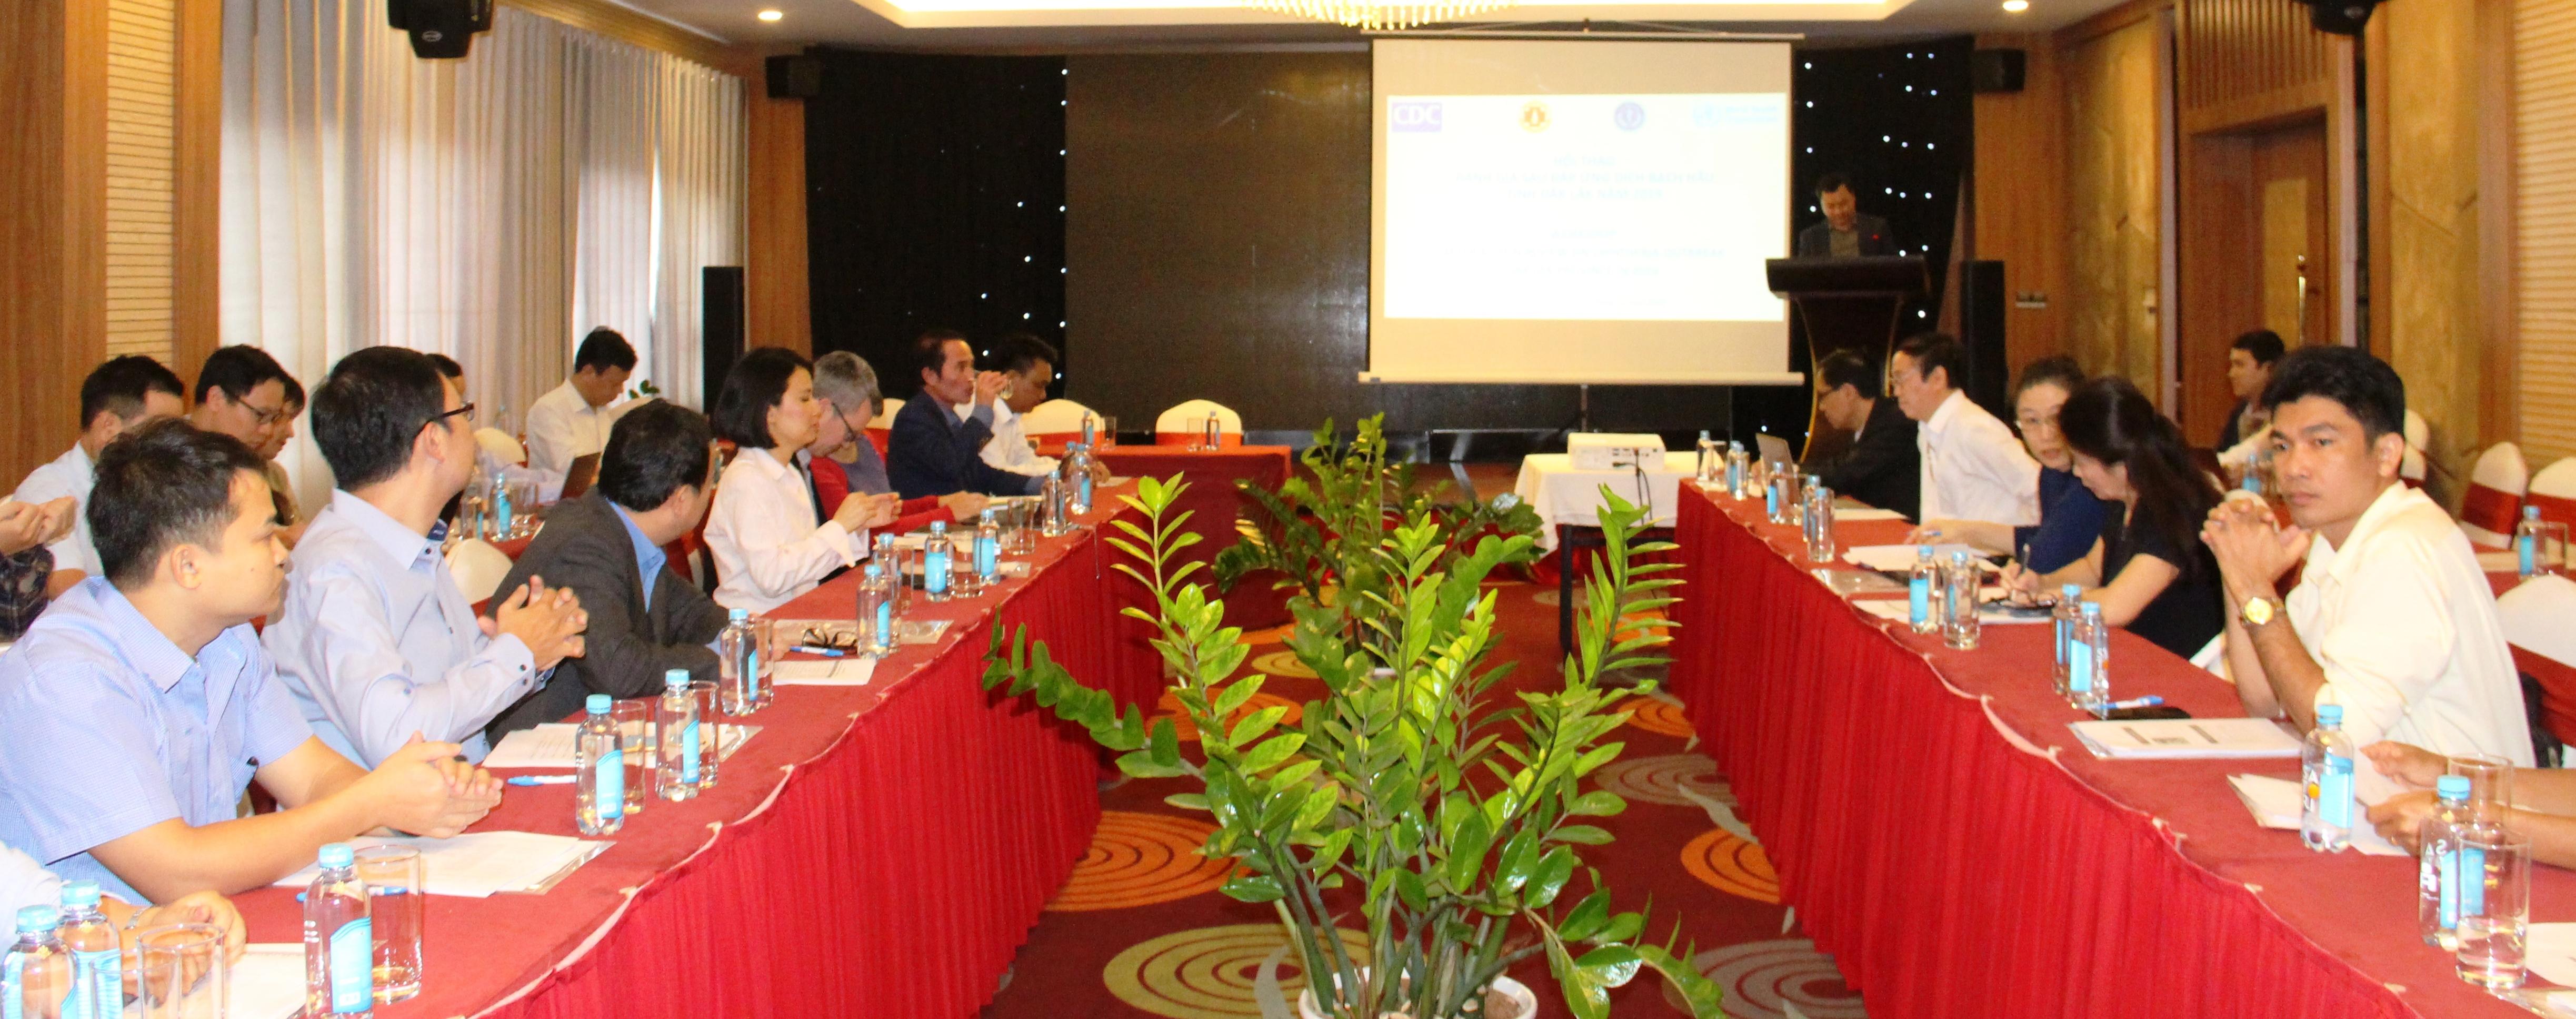 Hội thảo đánh giá sau đáp ứng dịch bạch hầu tại tỉnh Đắk Lắk năm 2019